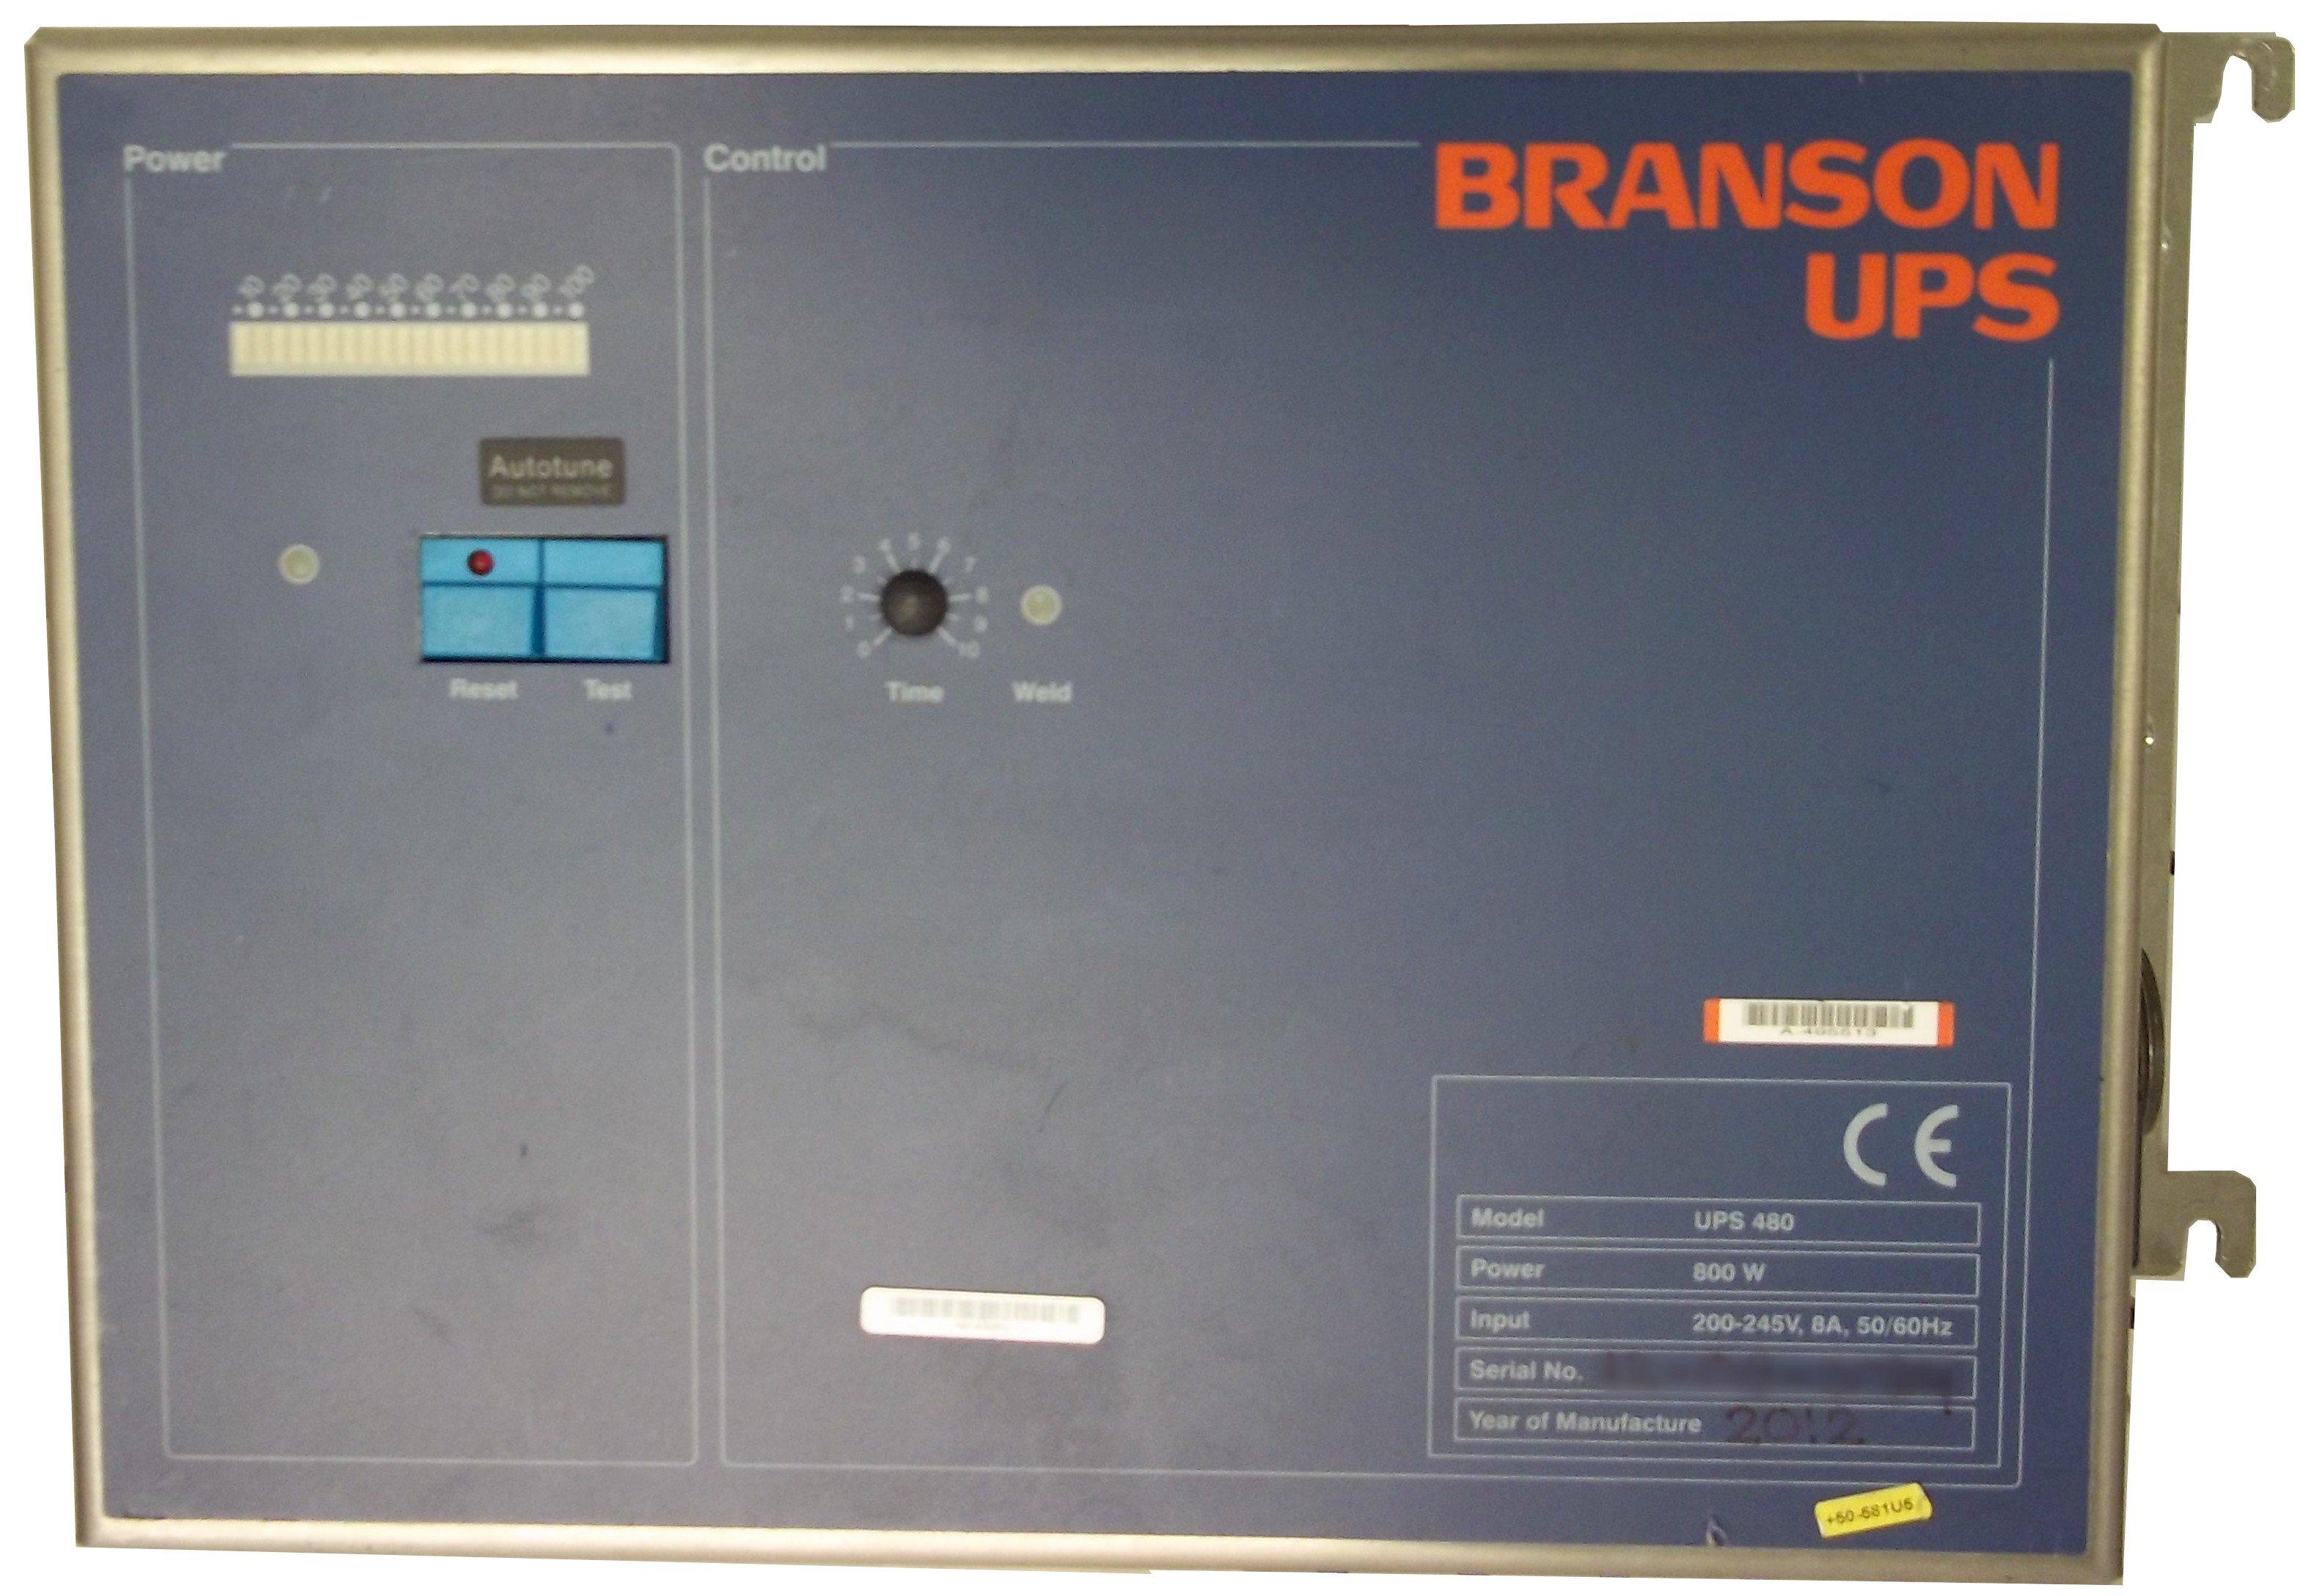 Branson UPS480 Power Supply Repairs